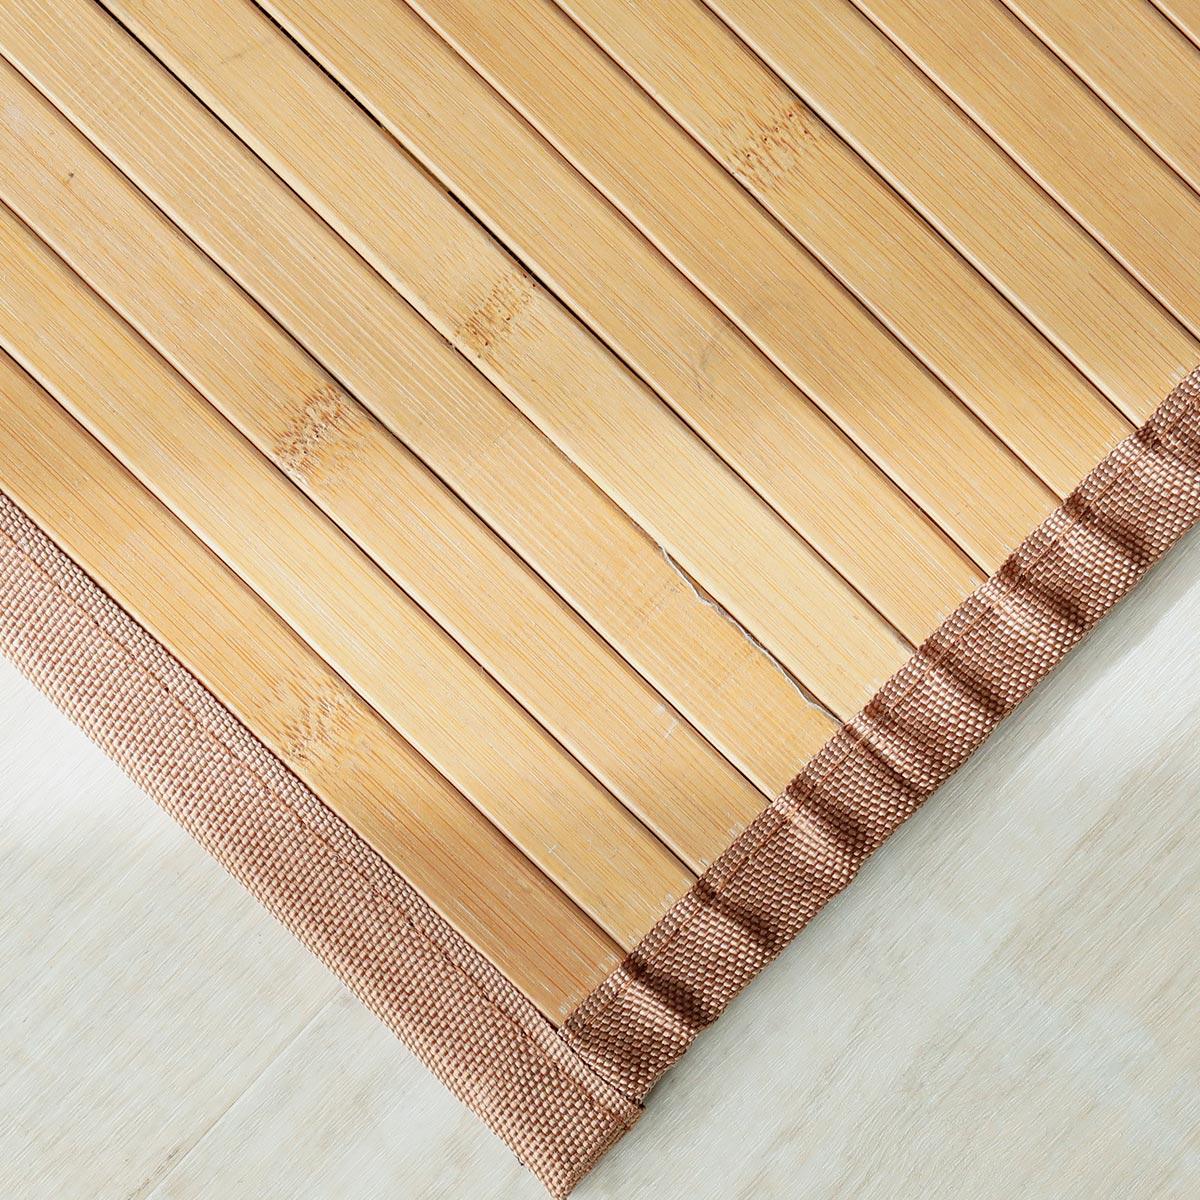 ポリエステルのテープを四方縫い付けています。